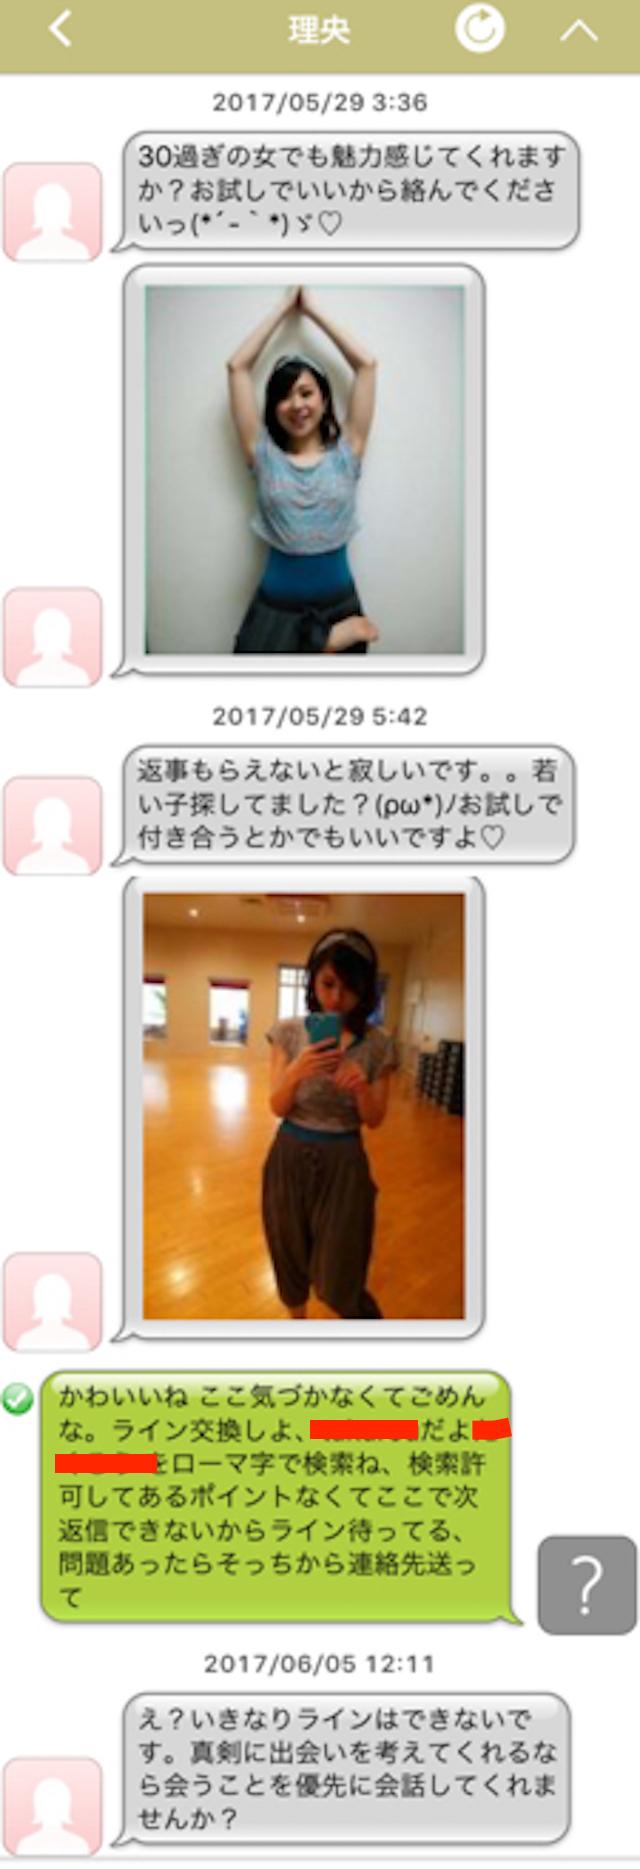 milktea_sakurasan4